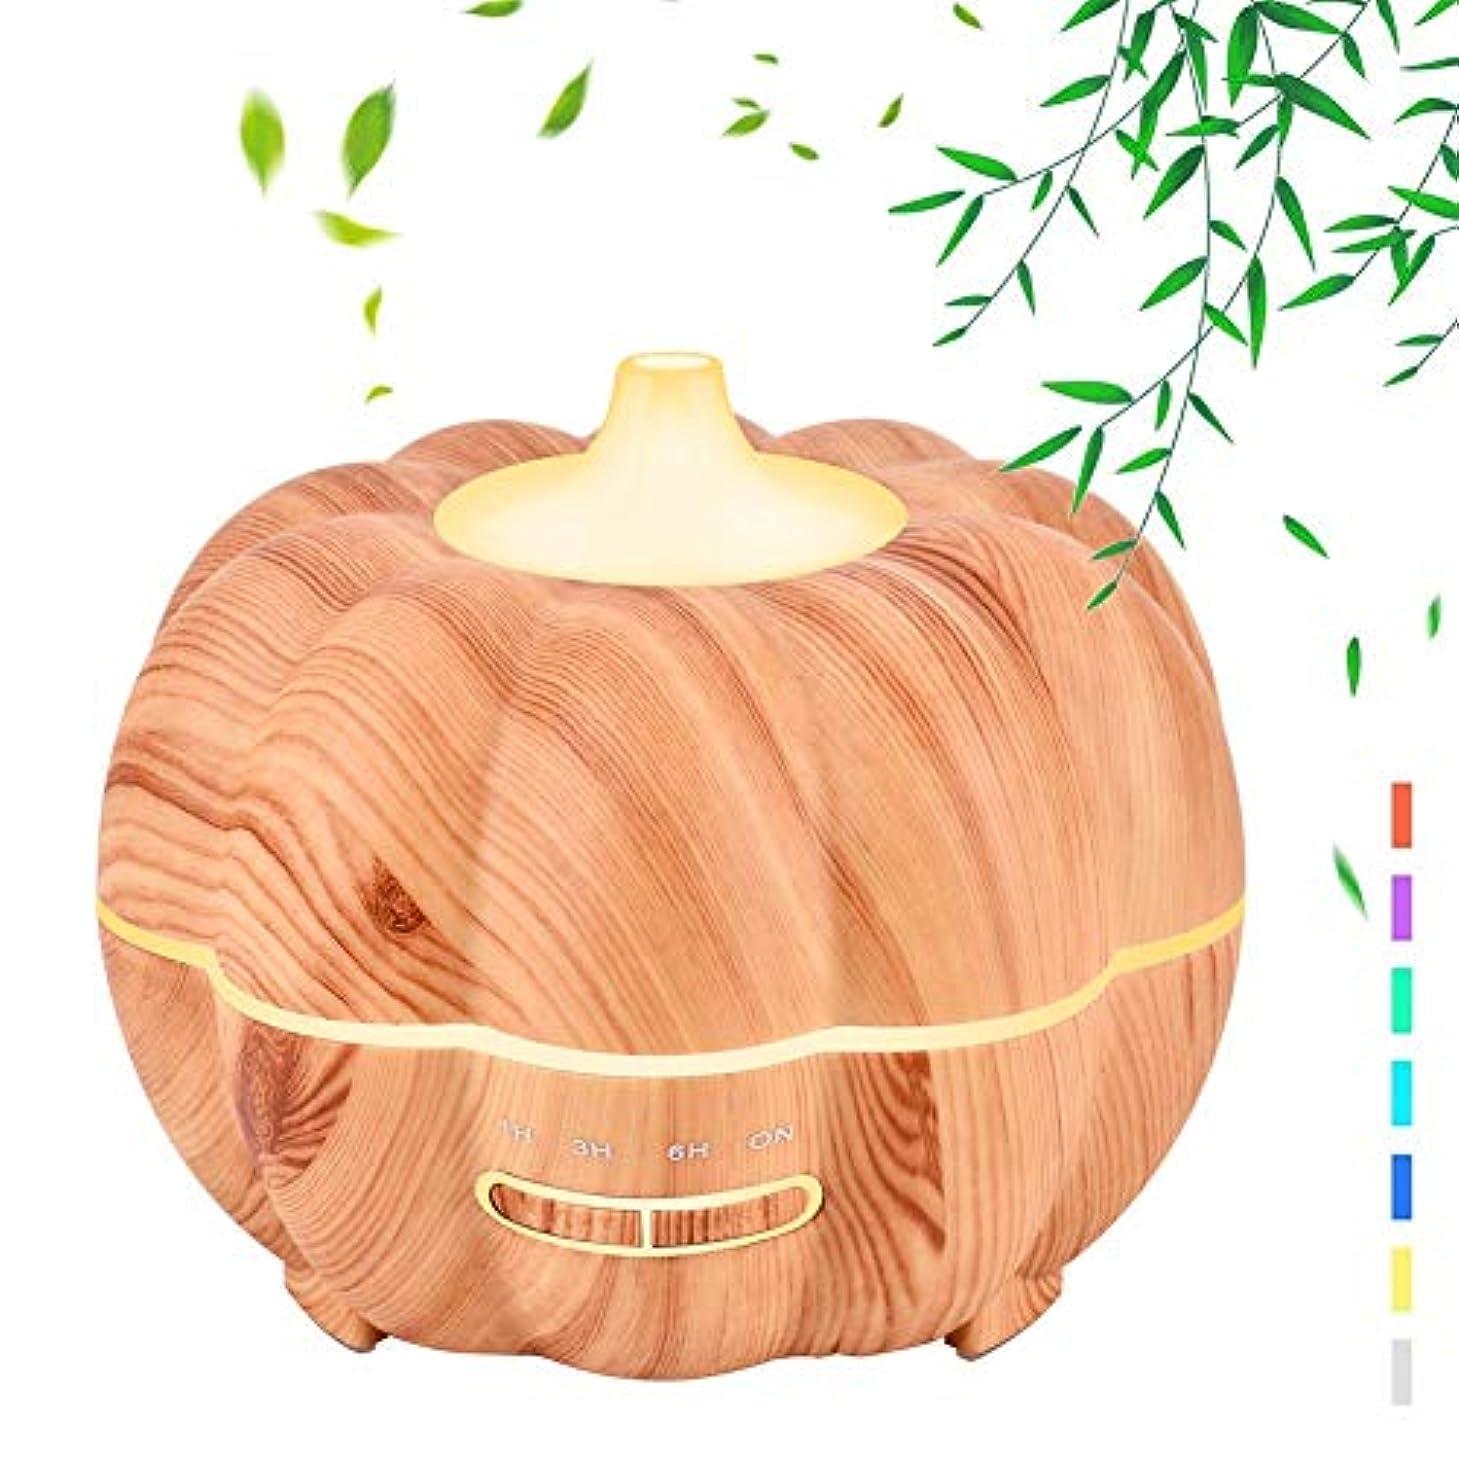 盗難目覚める統治可能300ミリリットル木材穀物エッセンシャルオイルディフューザー、加湿器超音波アロマセラピーアロマセラピーディフューザー加湿器、静かな操作、7色フレグランスランプ、ホームオフィス用ヨガスパ,Lightwoodgrain